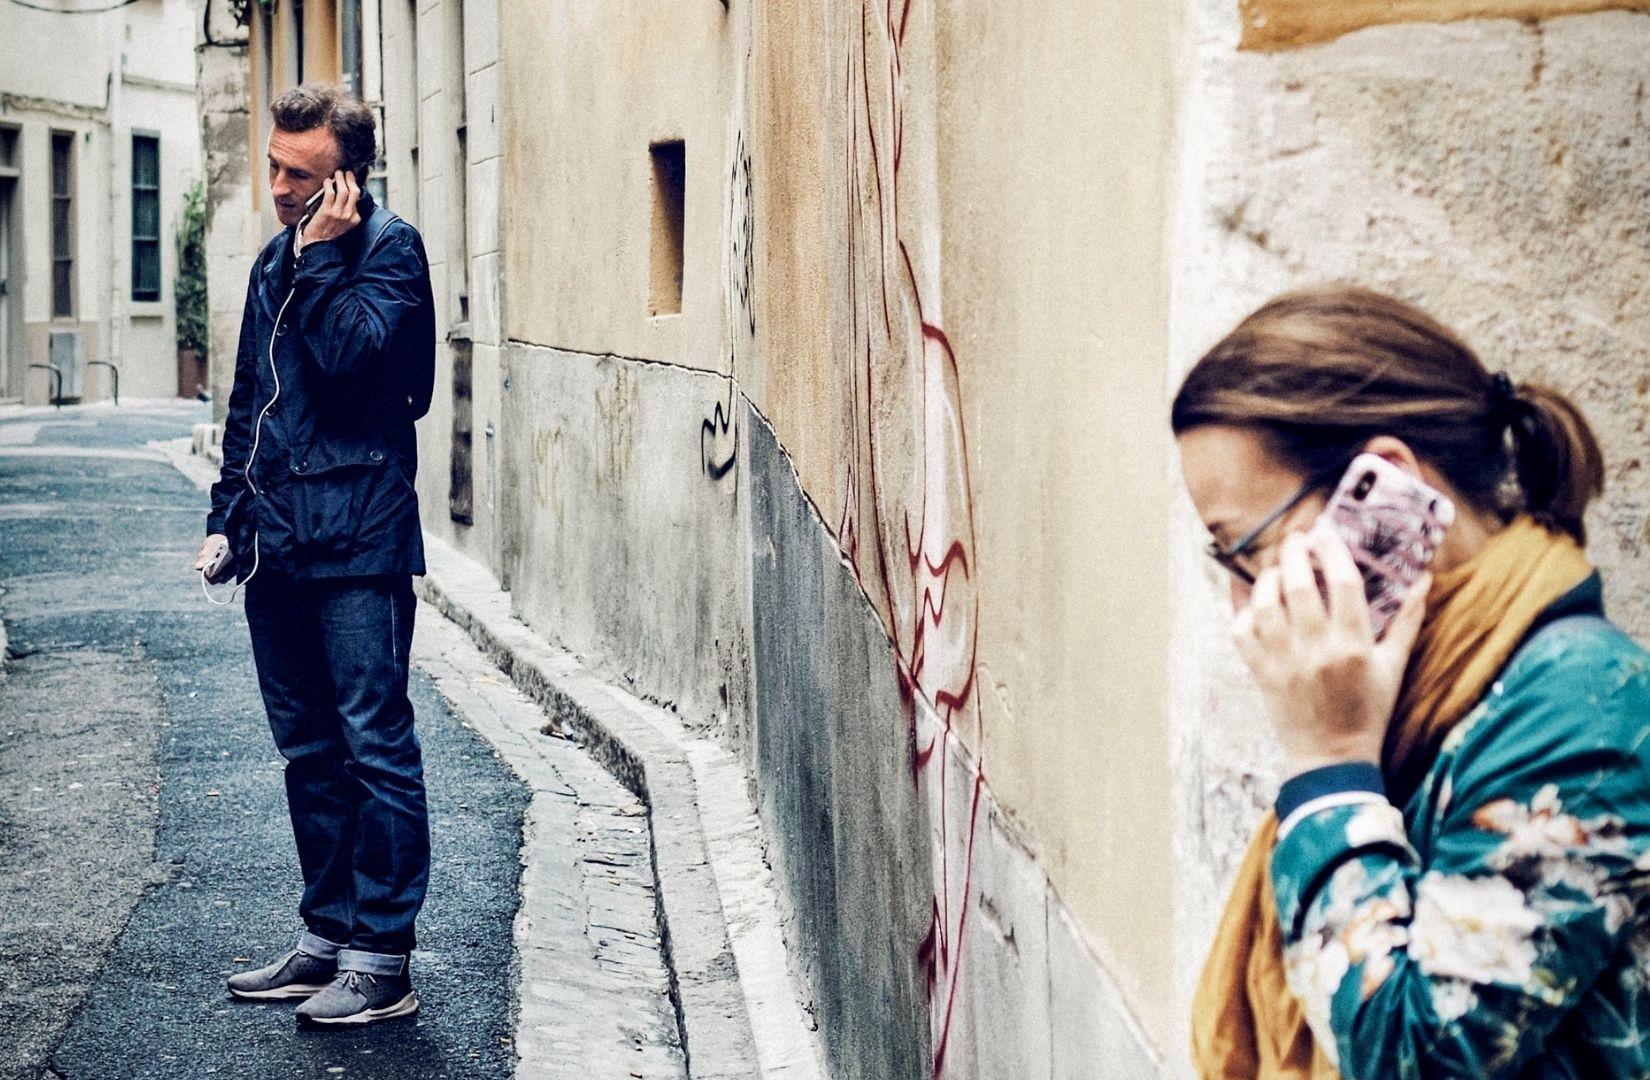 Neue Diplomatie beginnt mit neuer Kommunikation. (Foto: Xavi Cabrera, Unsplash.com)